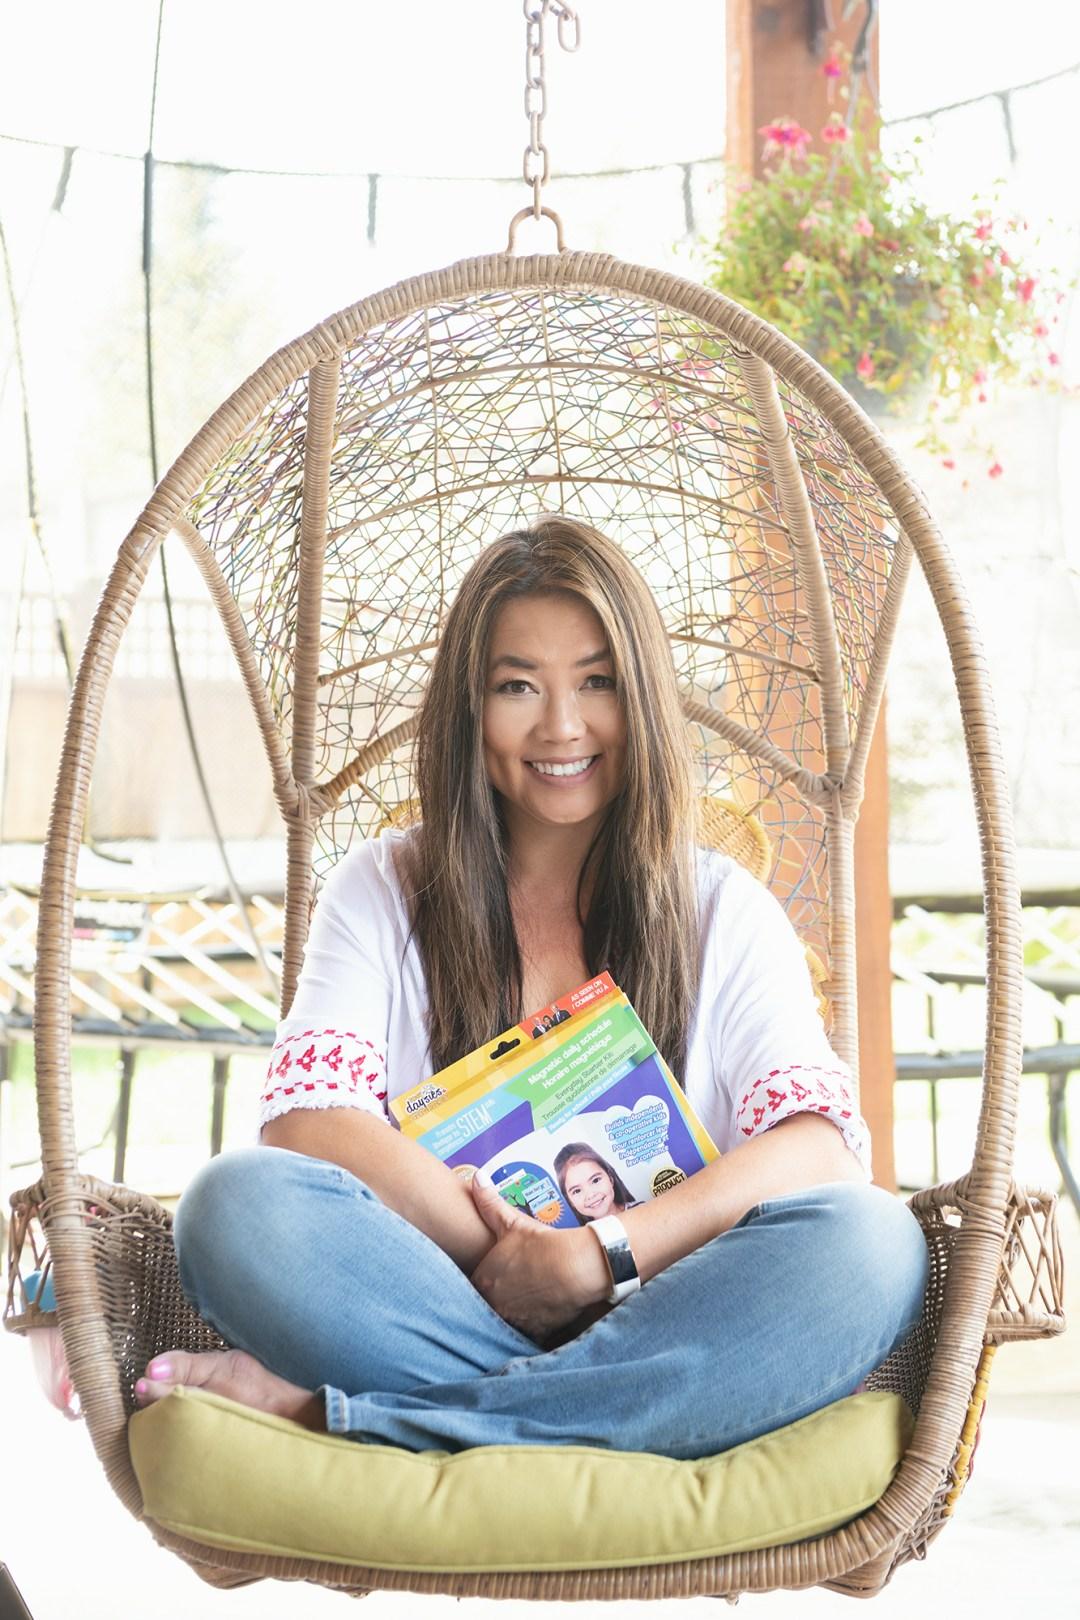 Elaine Tan Comeau